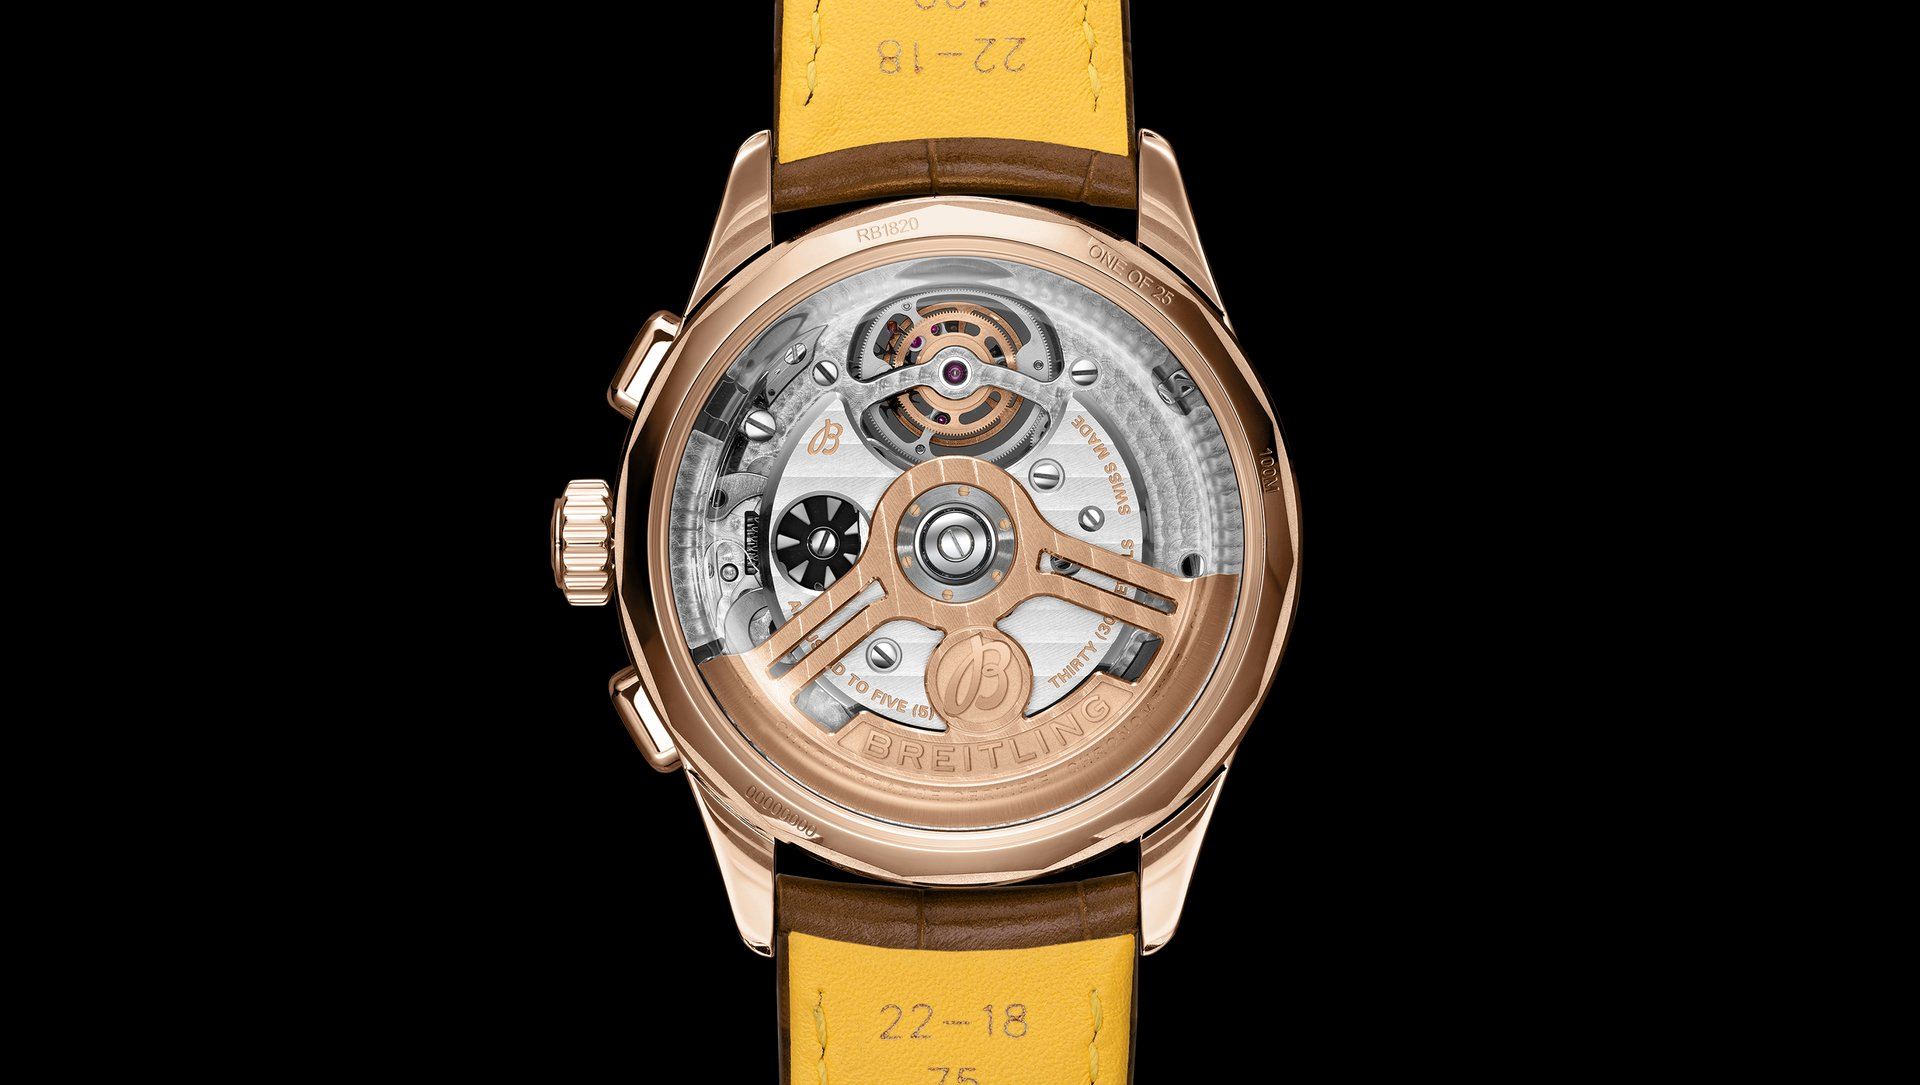 百年灵与宾利合作推出精妙绝伦的陀飞轮机芯限量版腕表